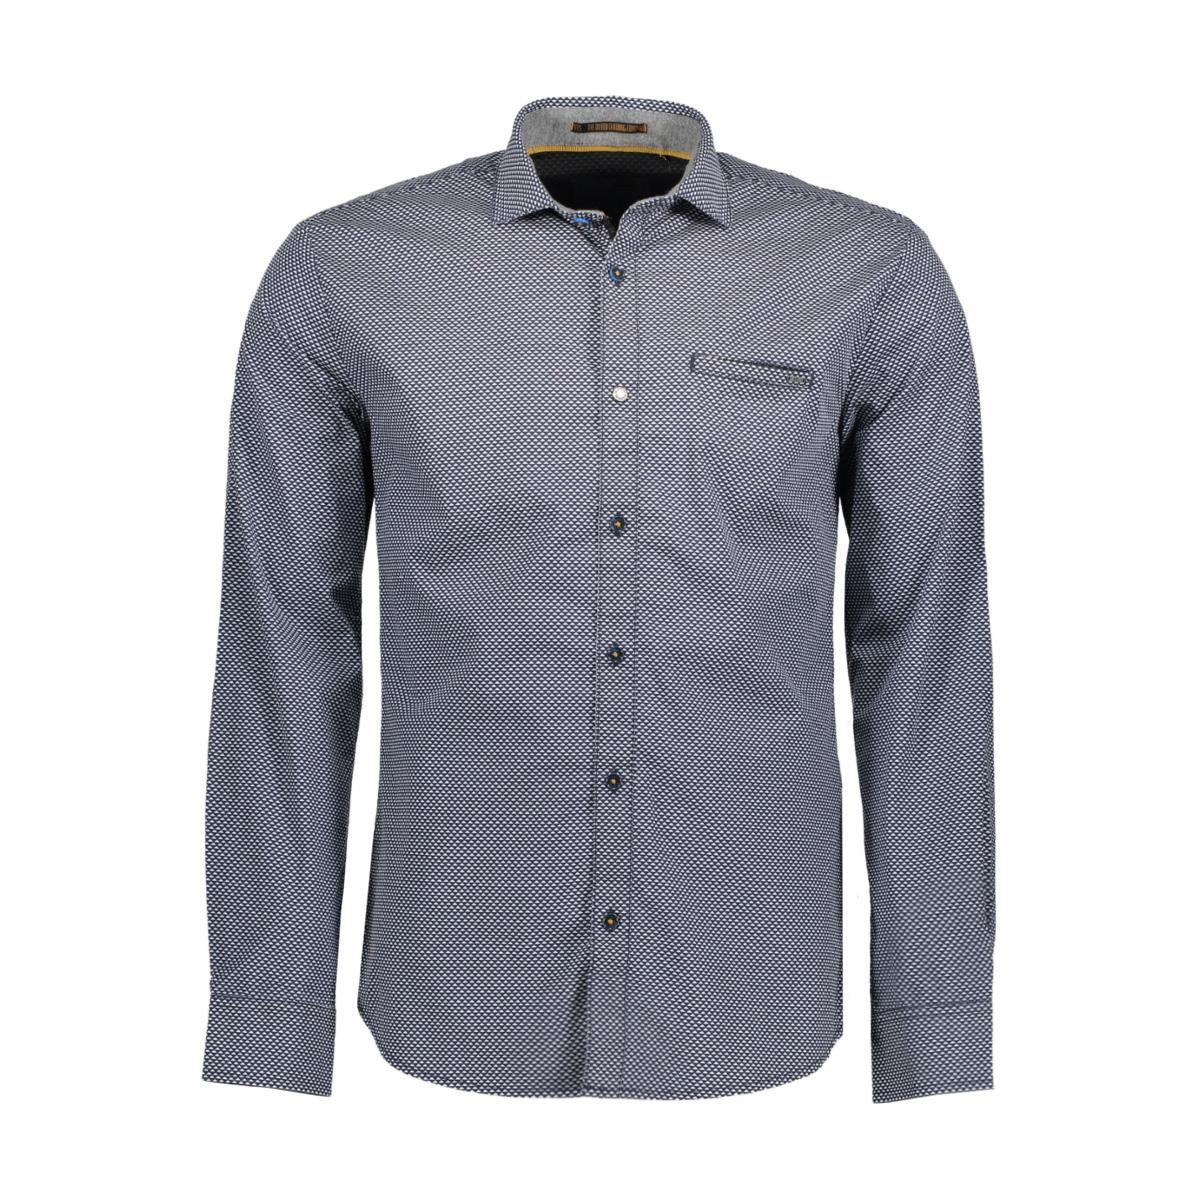 82450802 no-excess overhemd 078 night